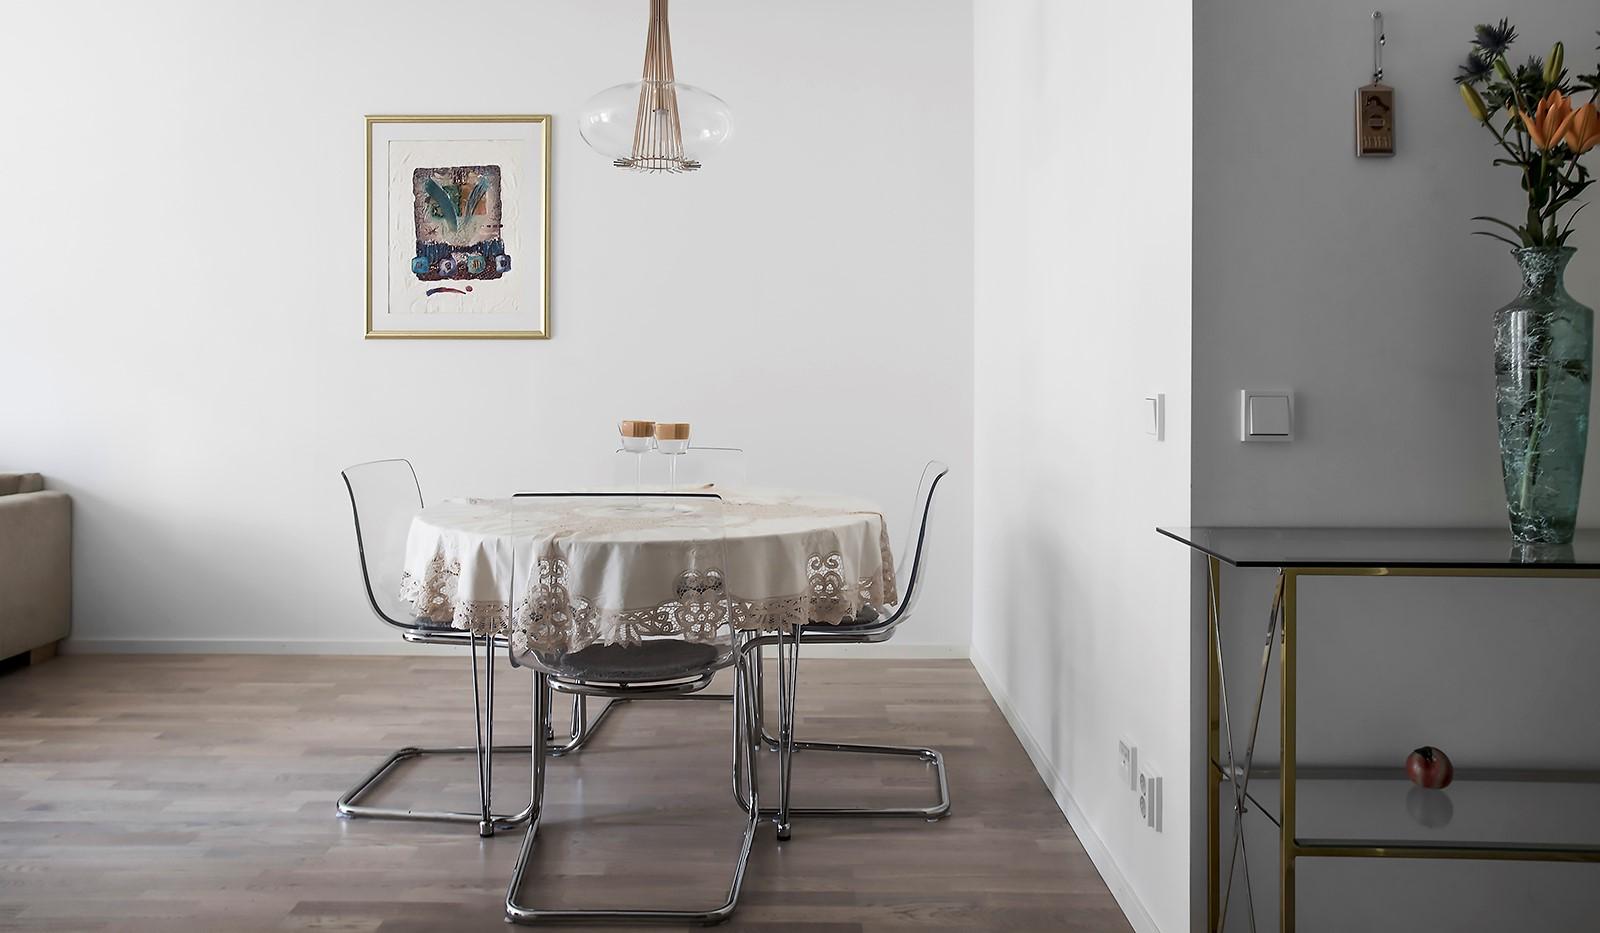 Fredriksdalsgatan 24, vån 2 - I anslutning till köket ryms en ordentlig matplats